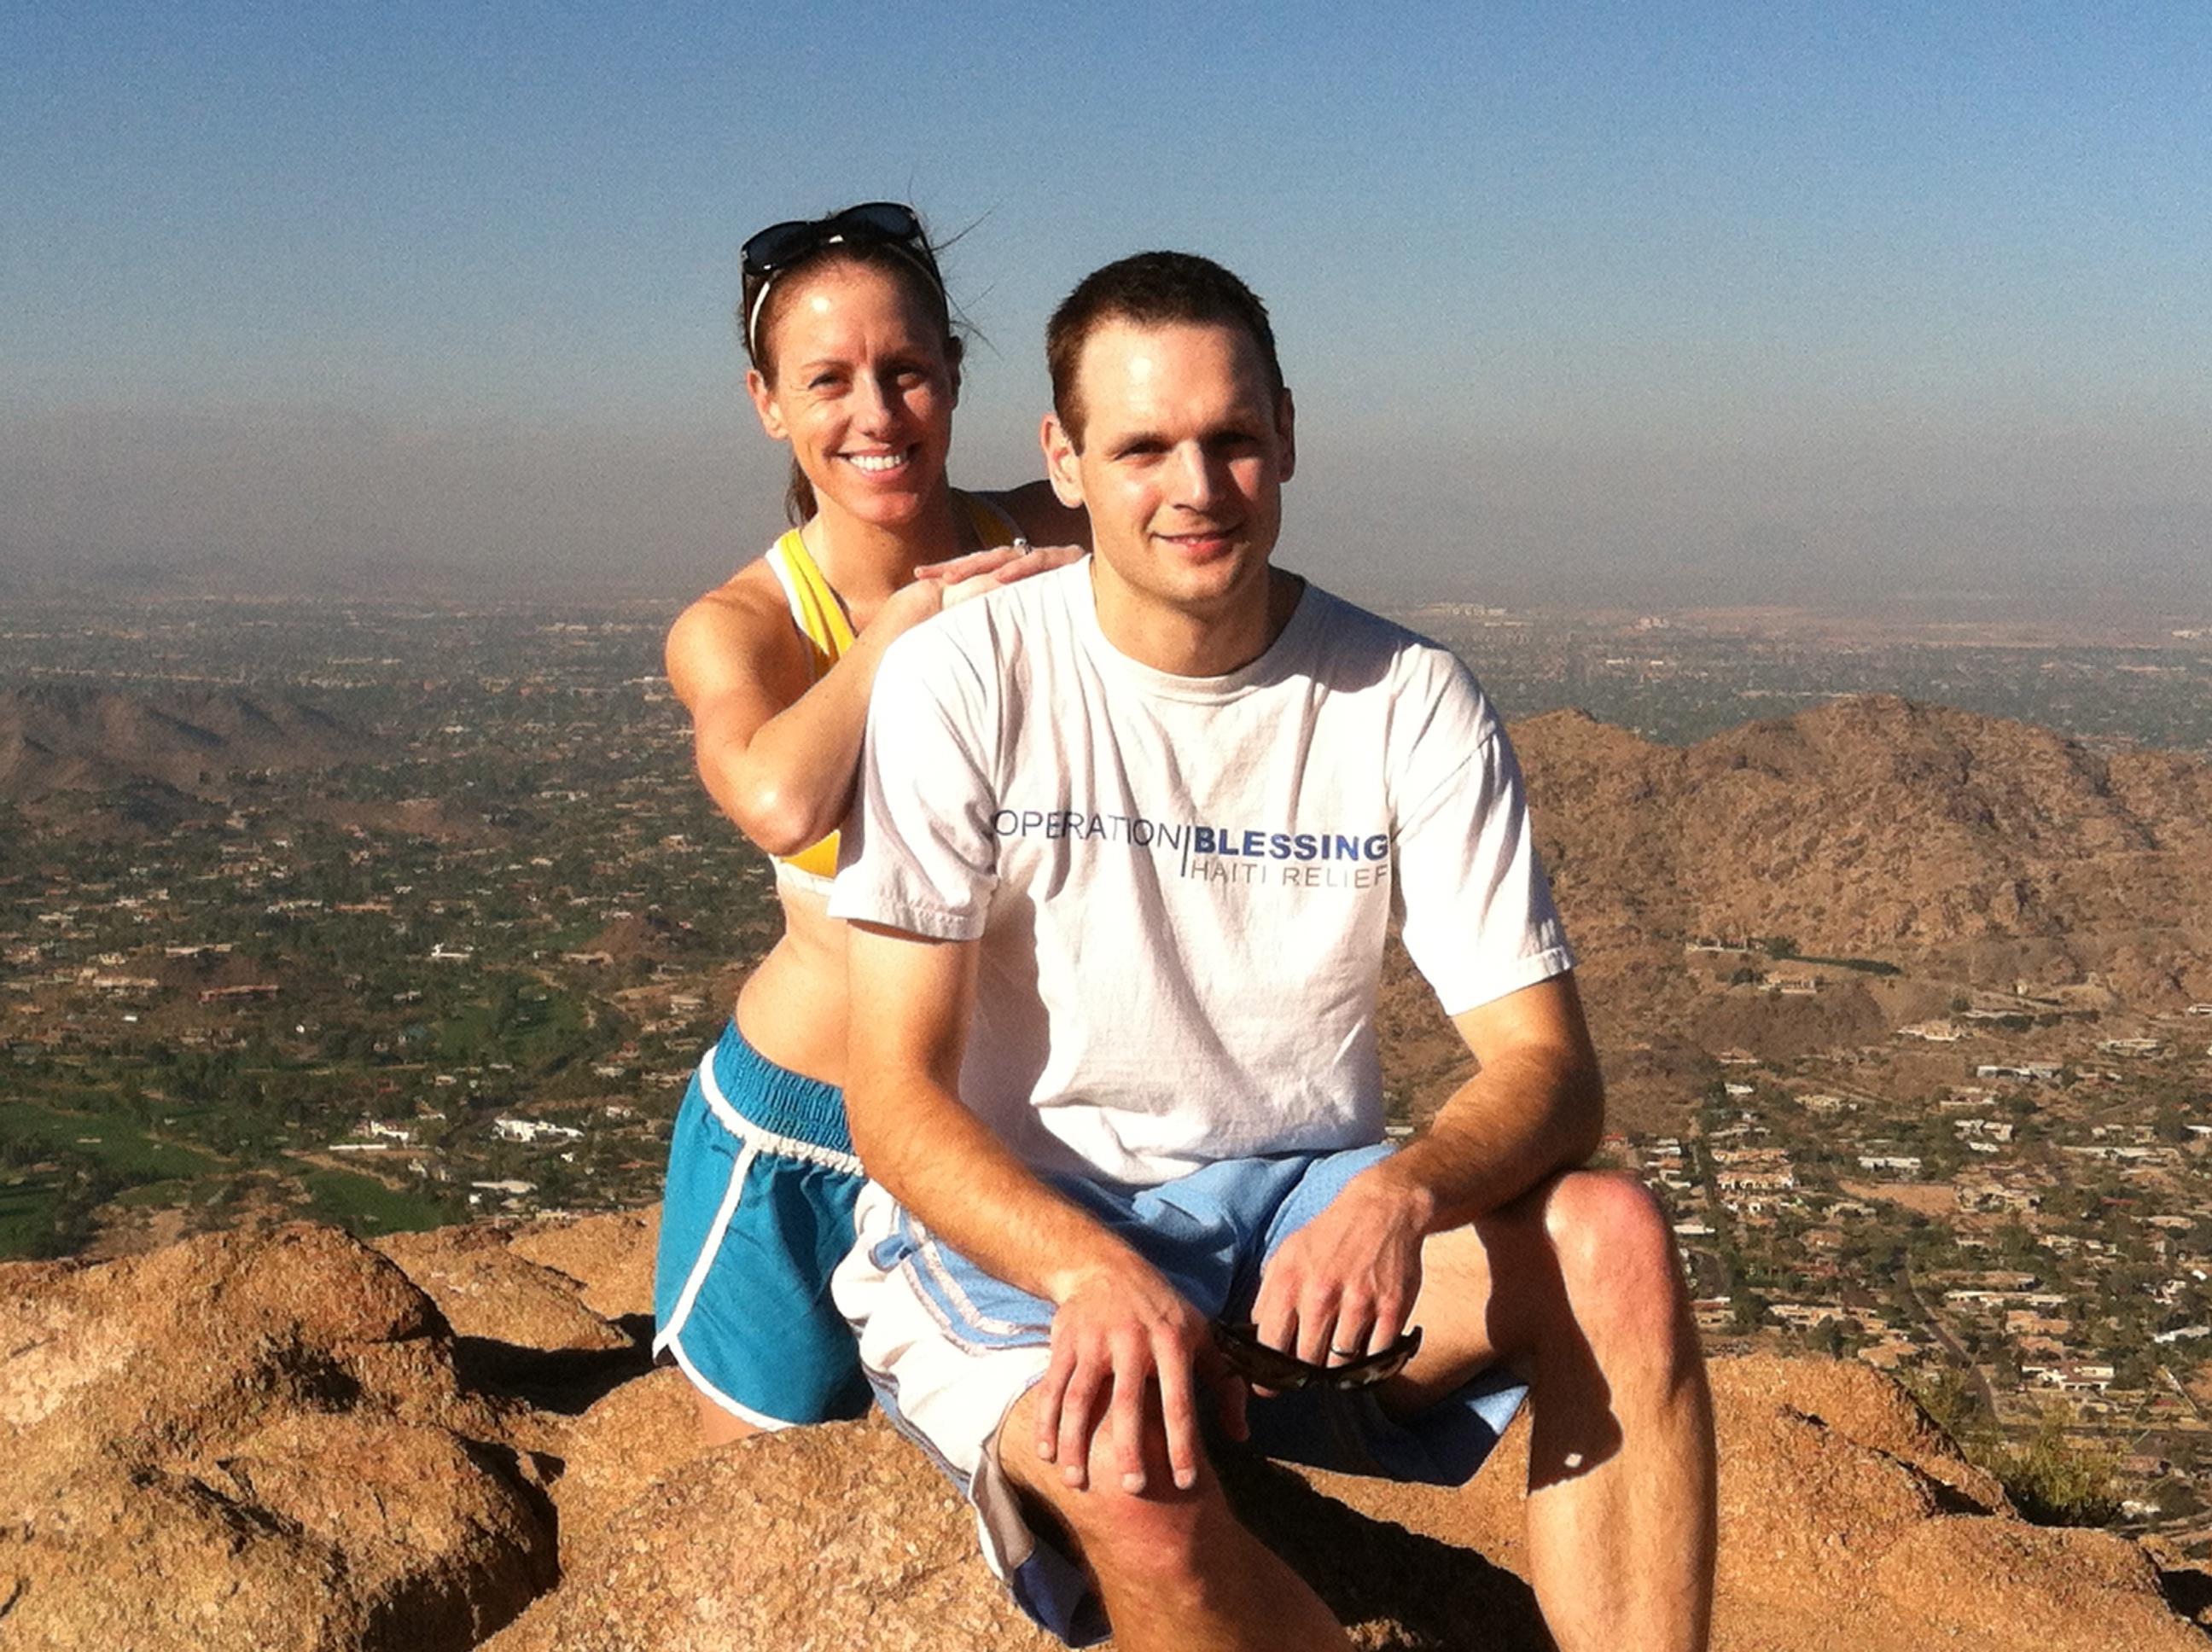 Camelbak Mountain Michelle Holm Phoenix, AZ